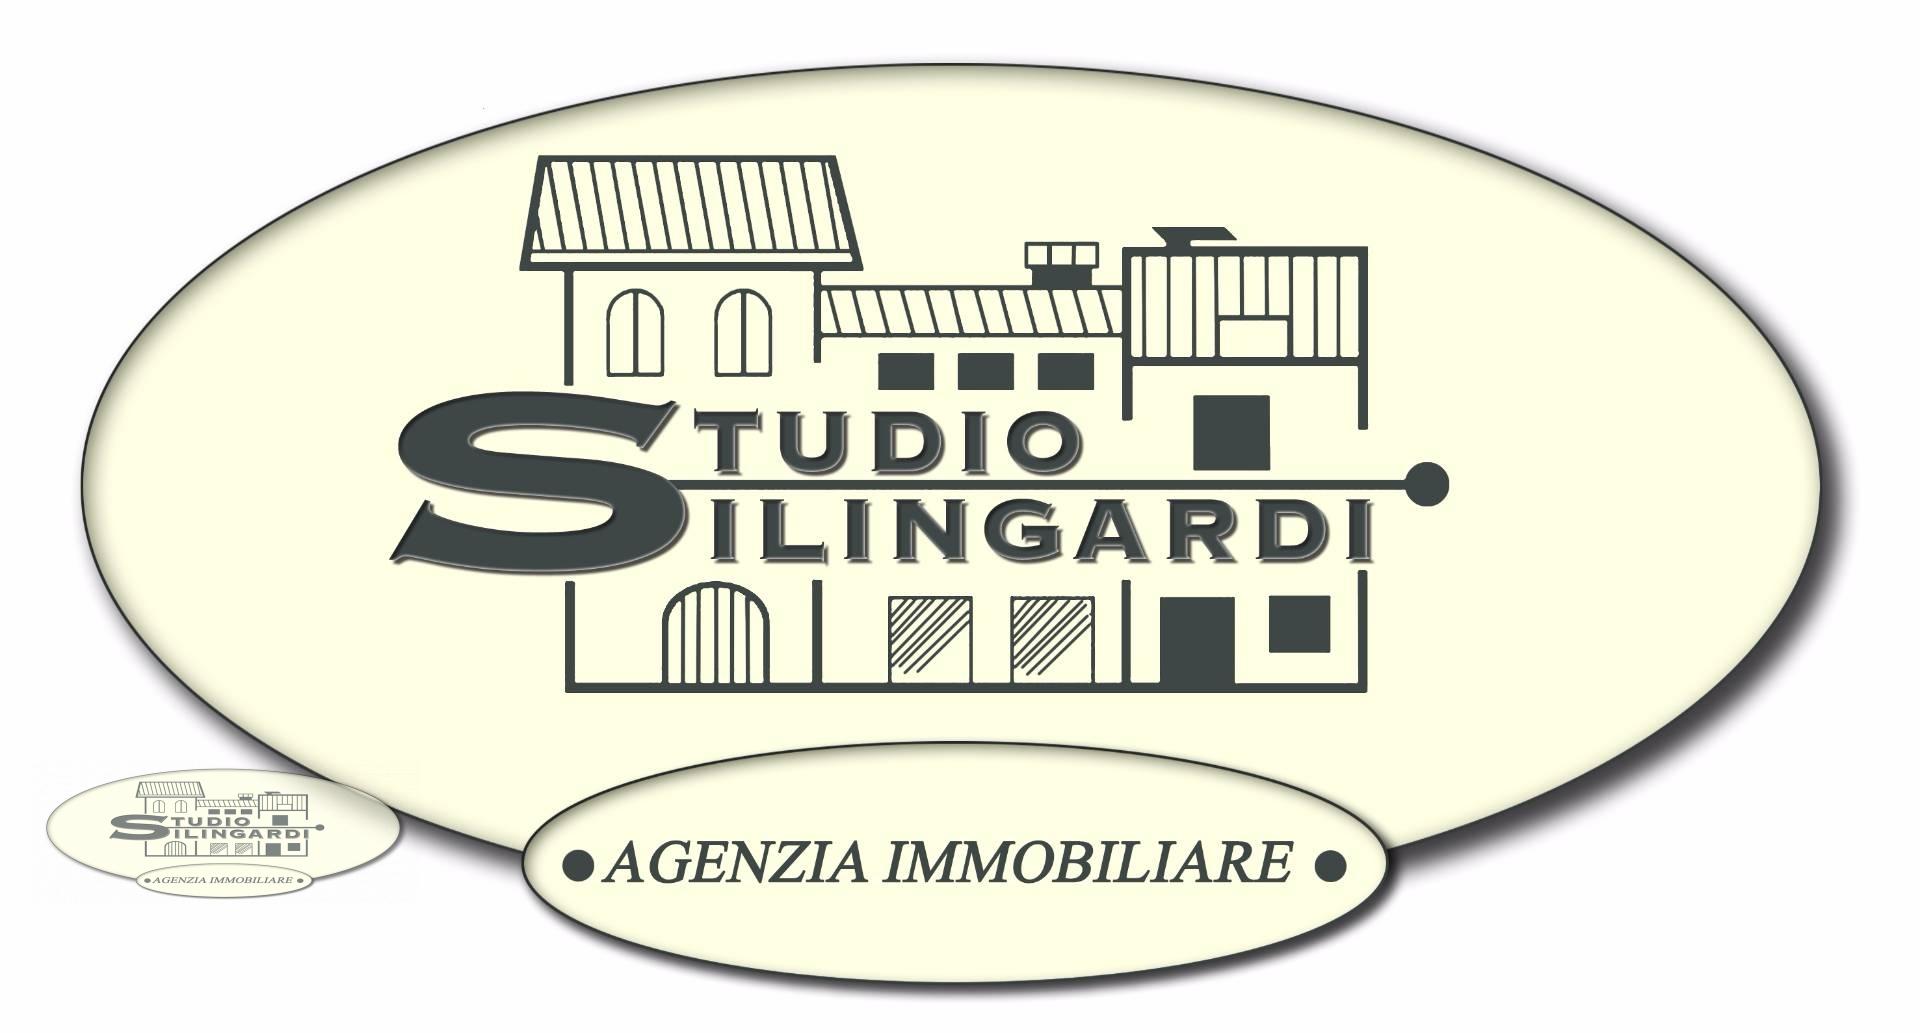 Appartamento in affitto a Formigine, 2 locali, zona Località: Formigine, prezzo € 600 | CambioCasa.it